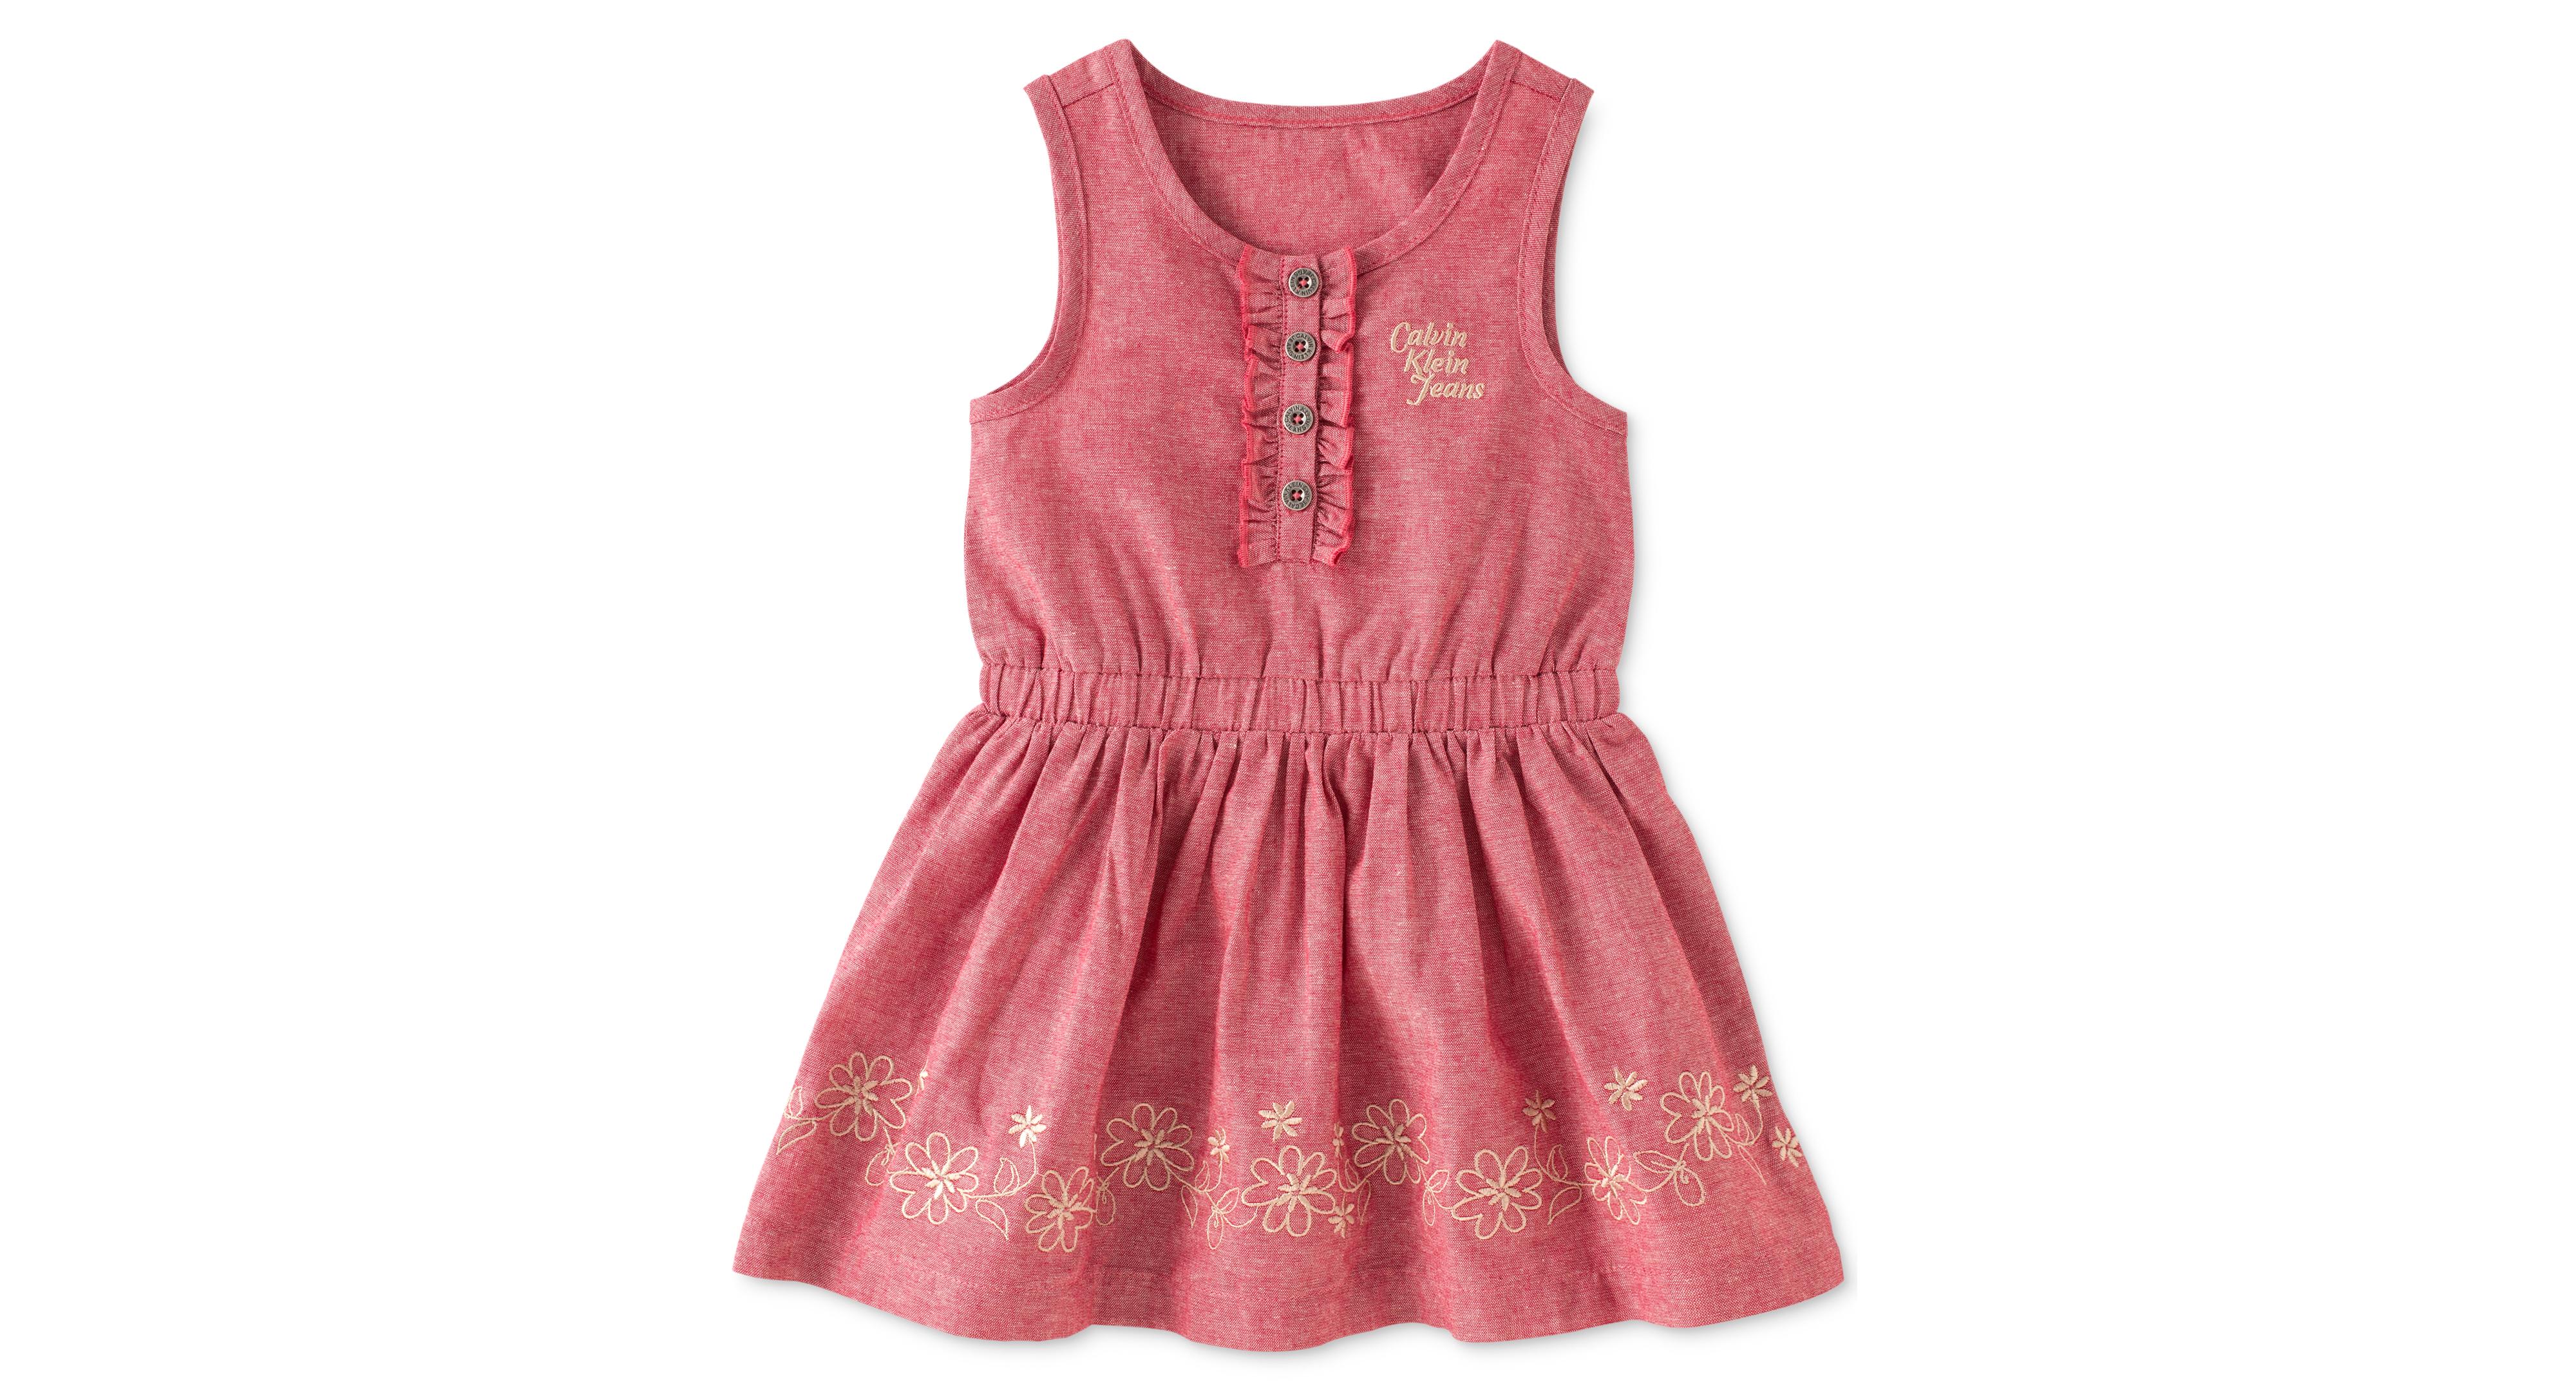 Calvin Klein Little Girls' Dress